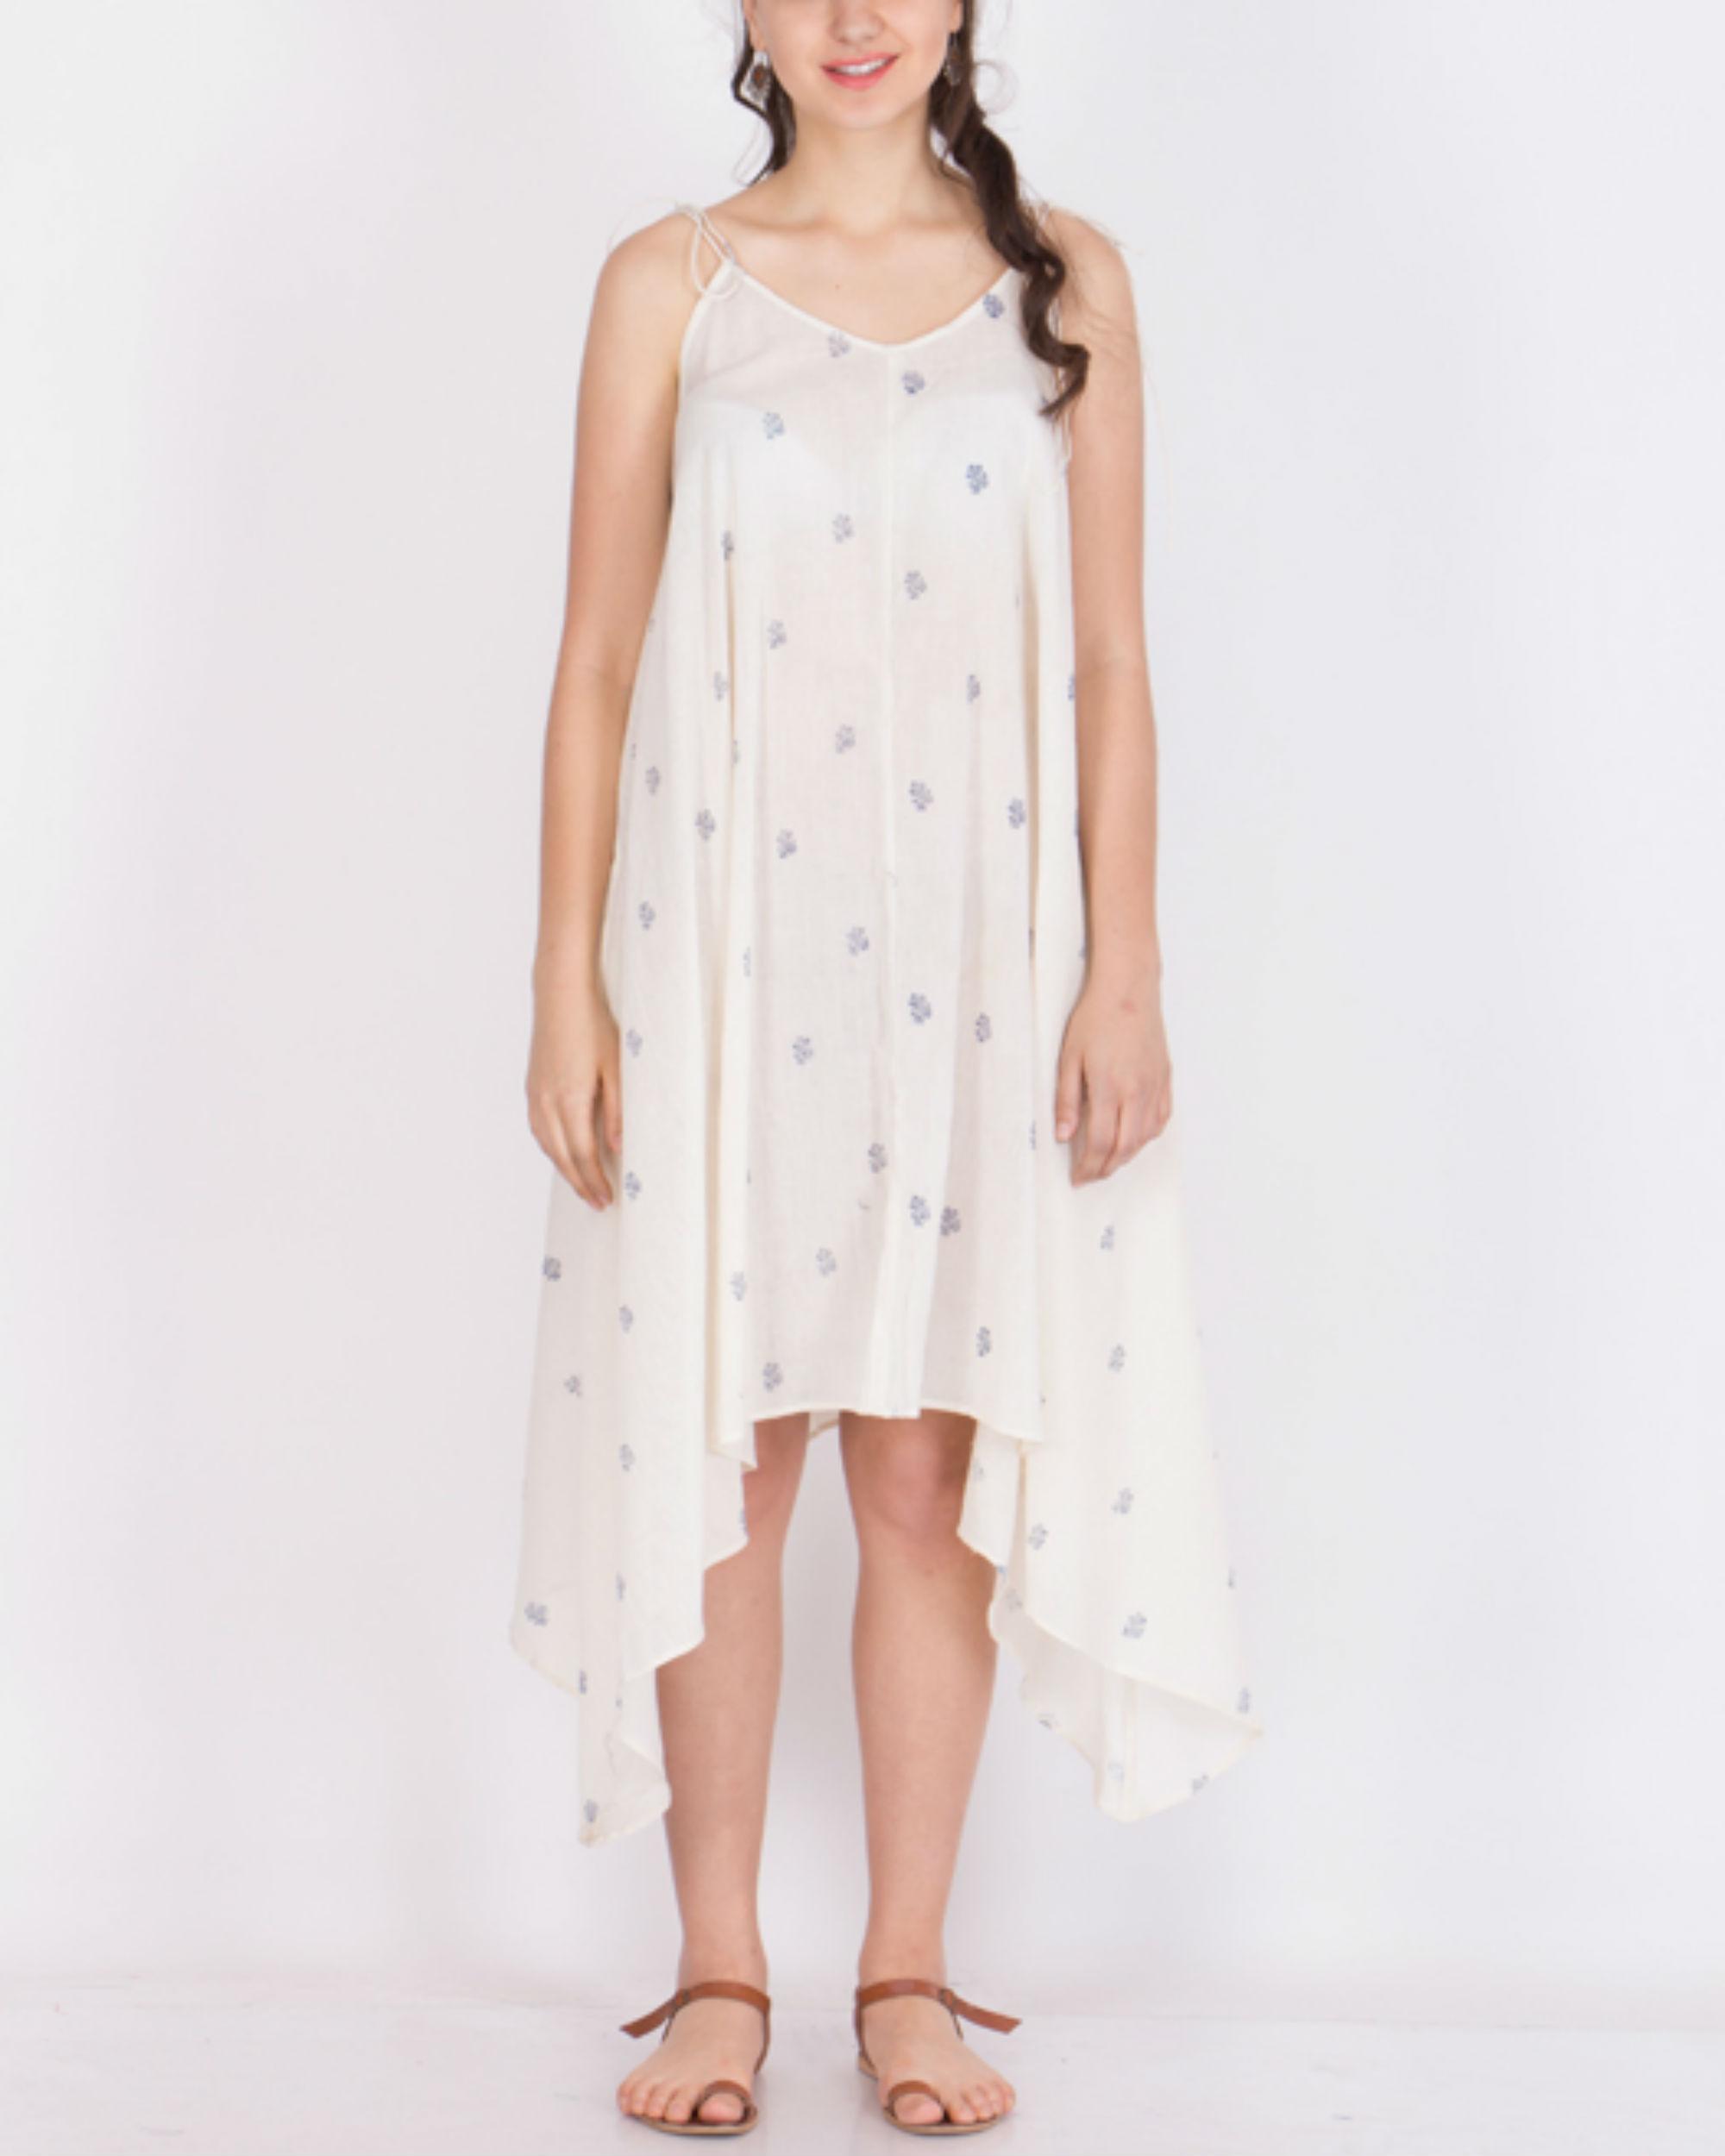 Muslin block printed dress